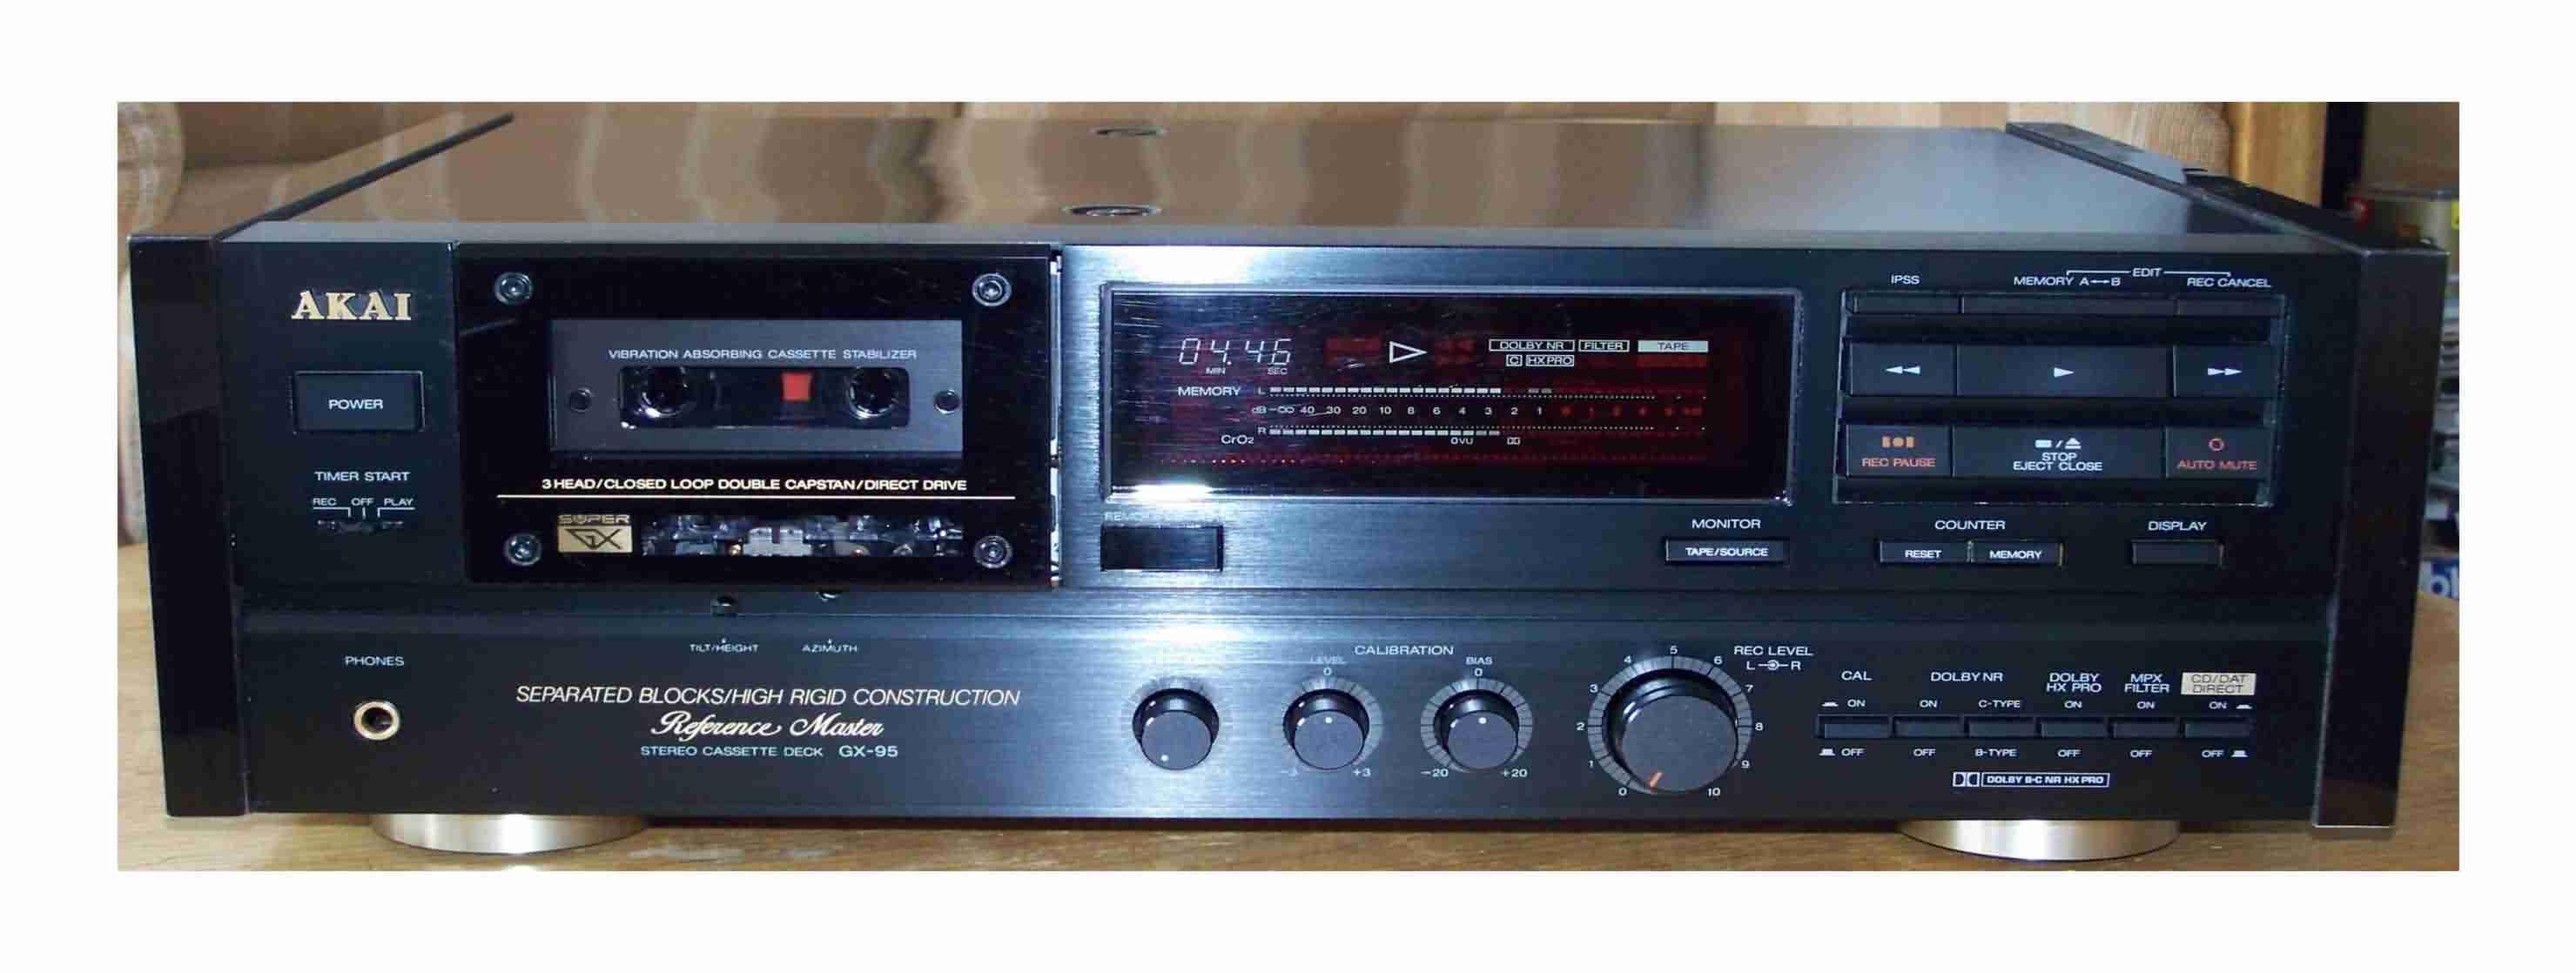 Akai GX-95 75 mk1 mk2 mkI mkII